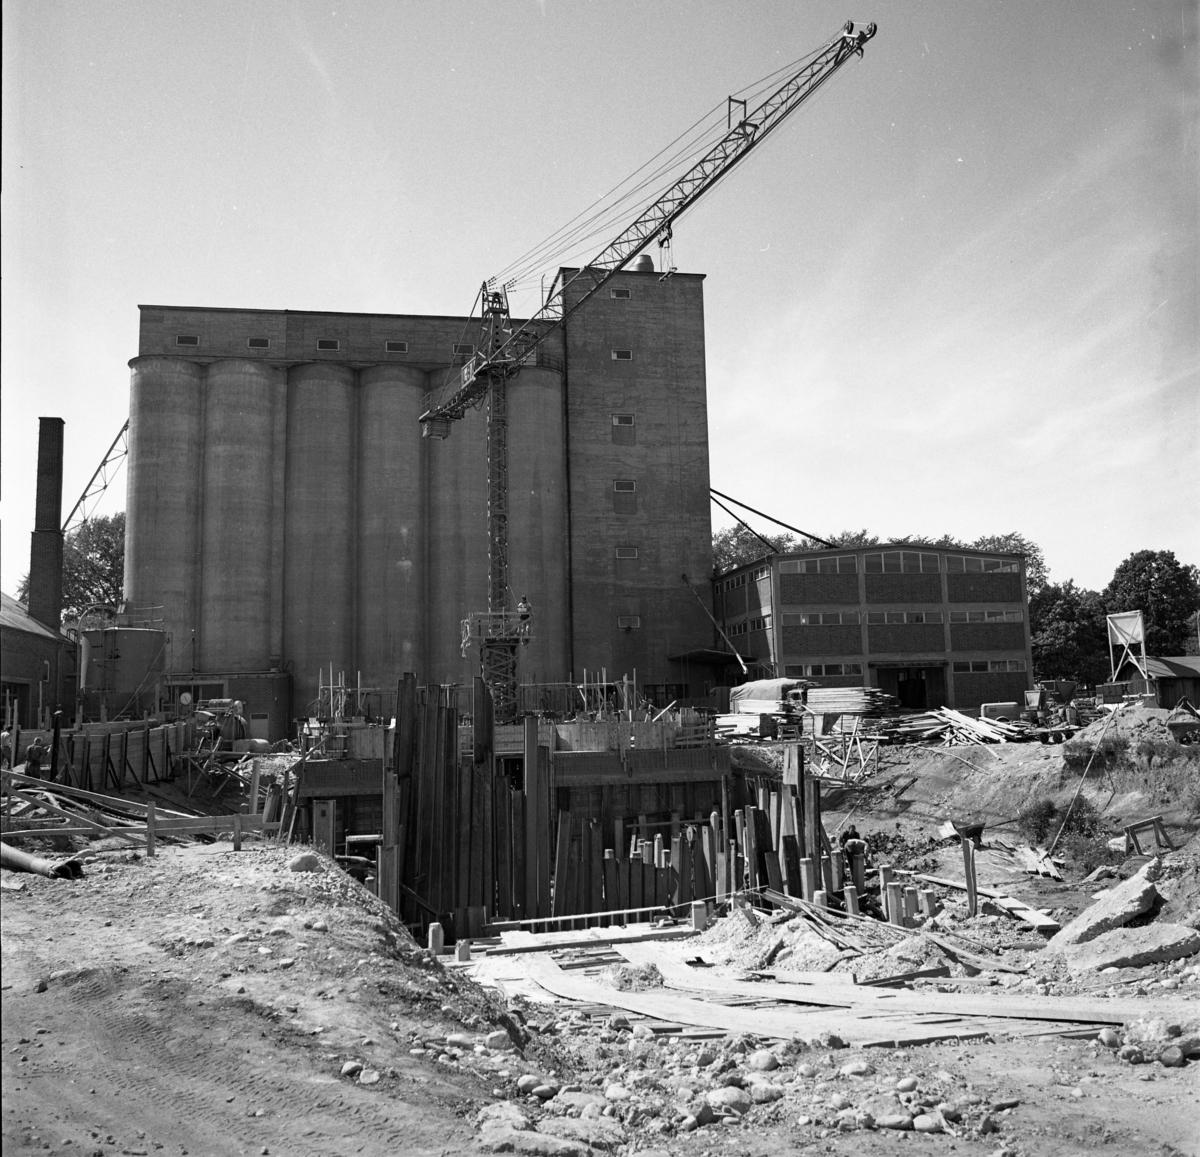 Centralföreningen bygger nytt. Lyftkran och bräder. Silon i bakgrunden.